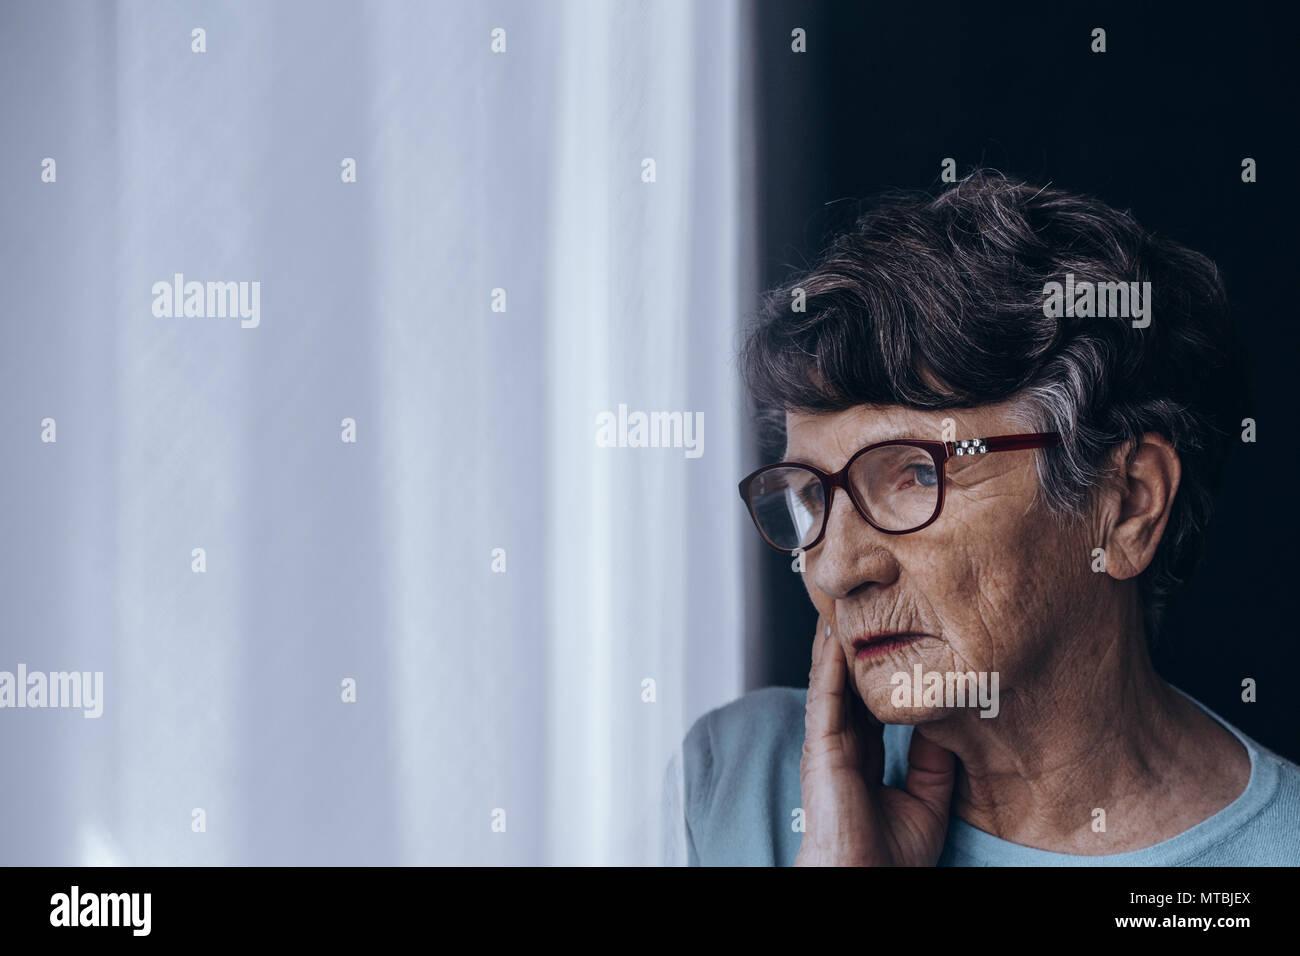 Triste, solitaria mujer senior sufre depresión Imagen De Stock